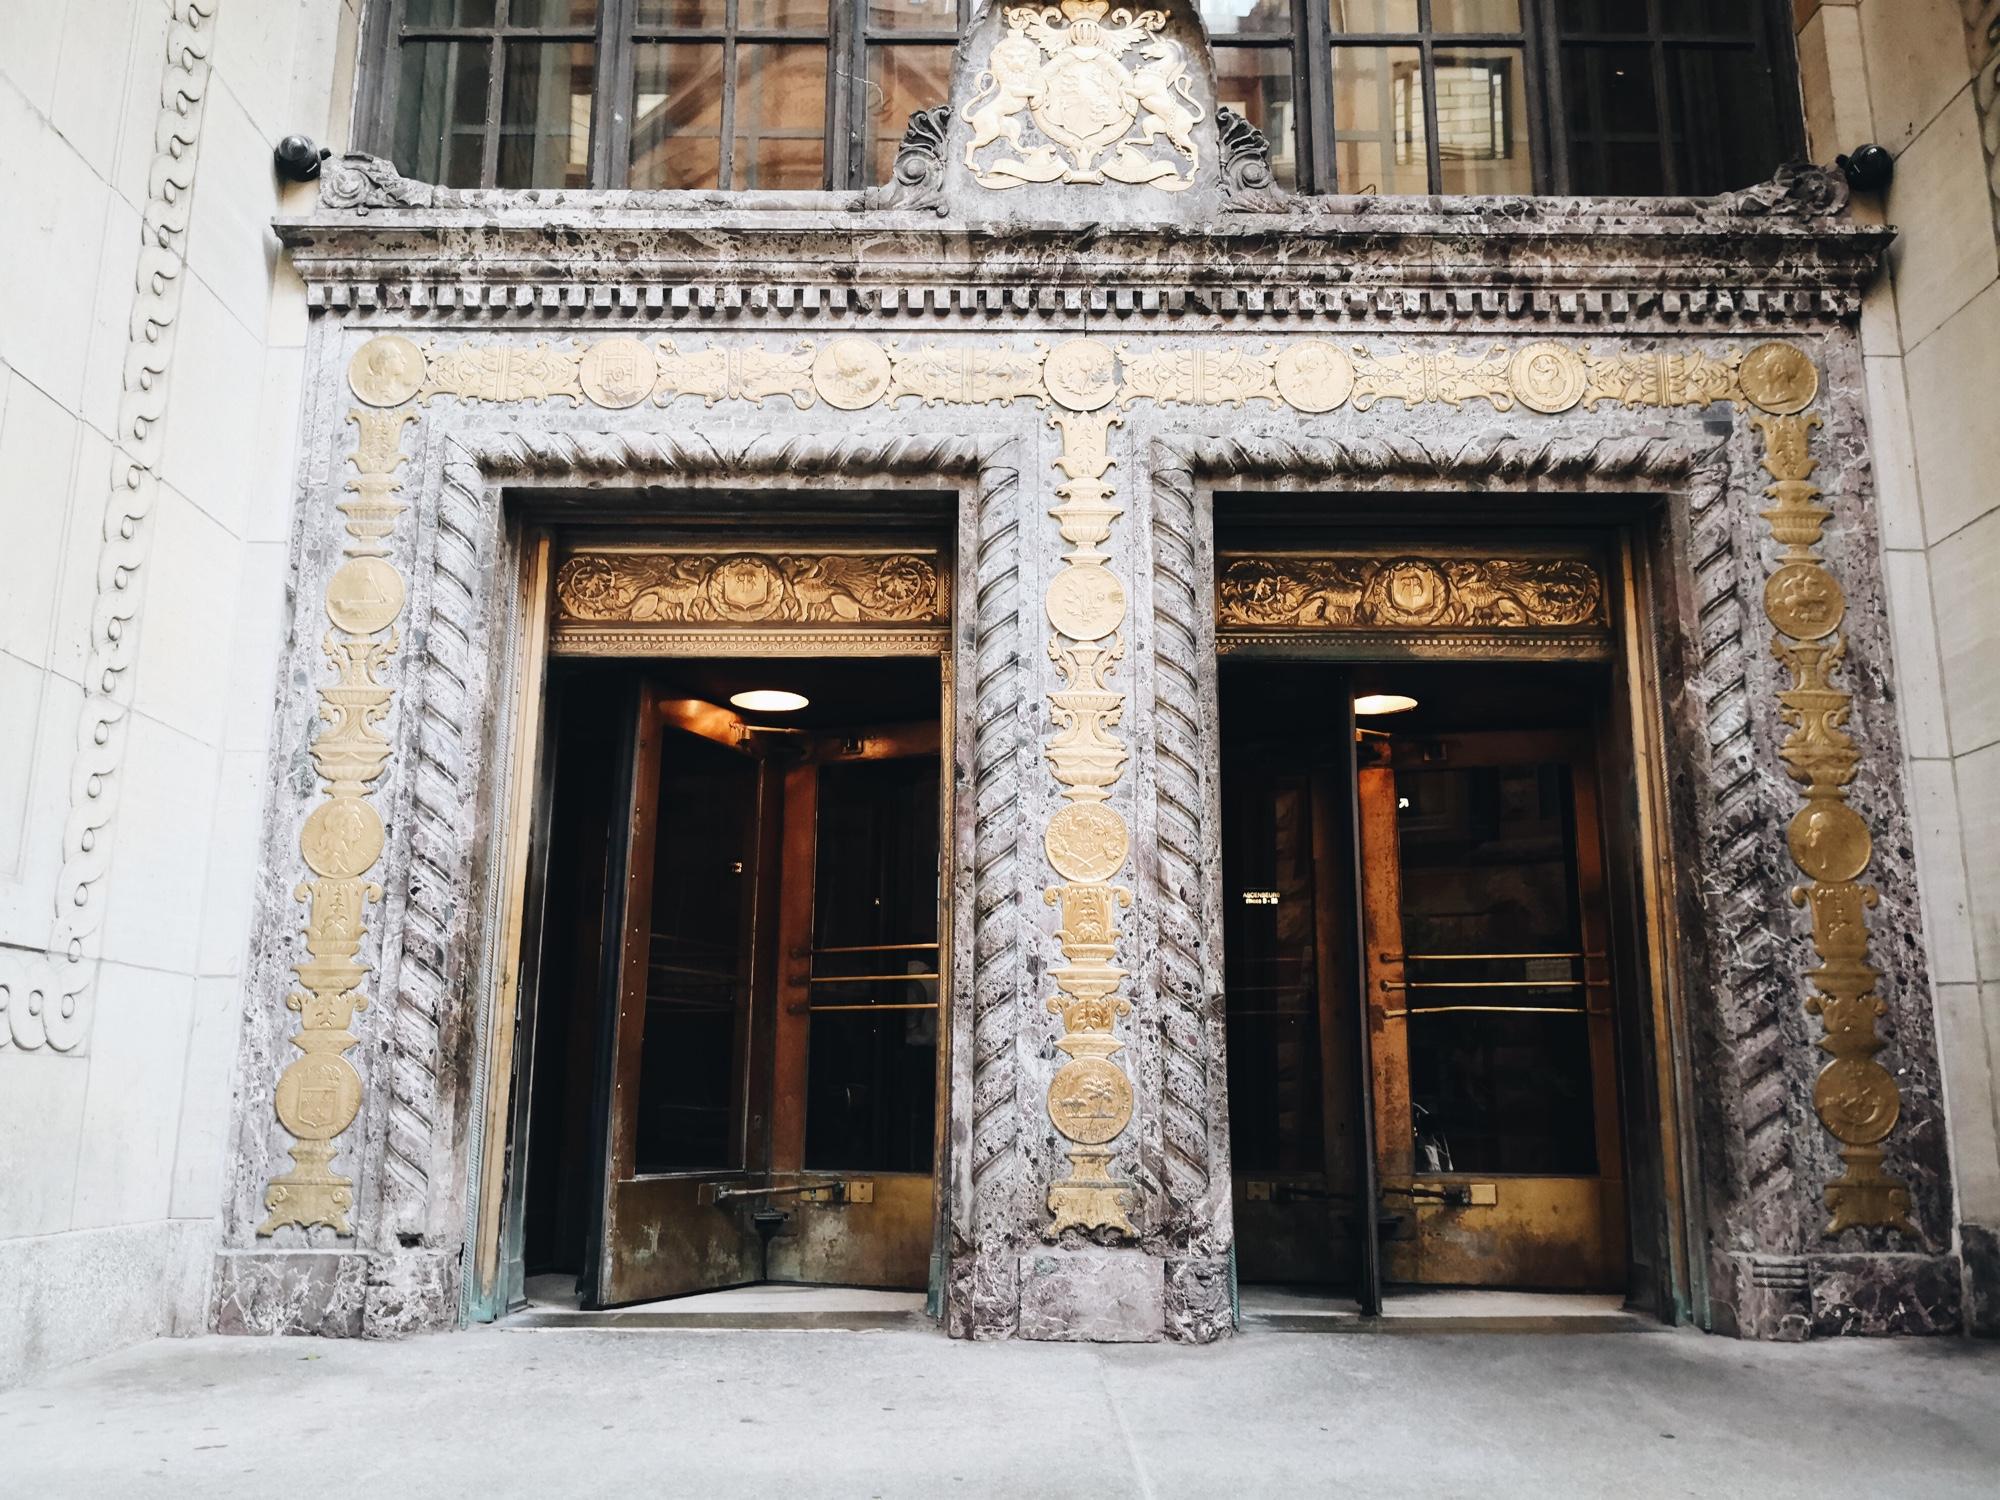 モントリオール 古い銀行の建物を利用したクルーカフェ